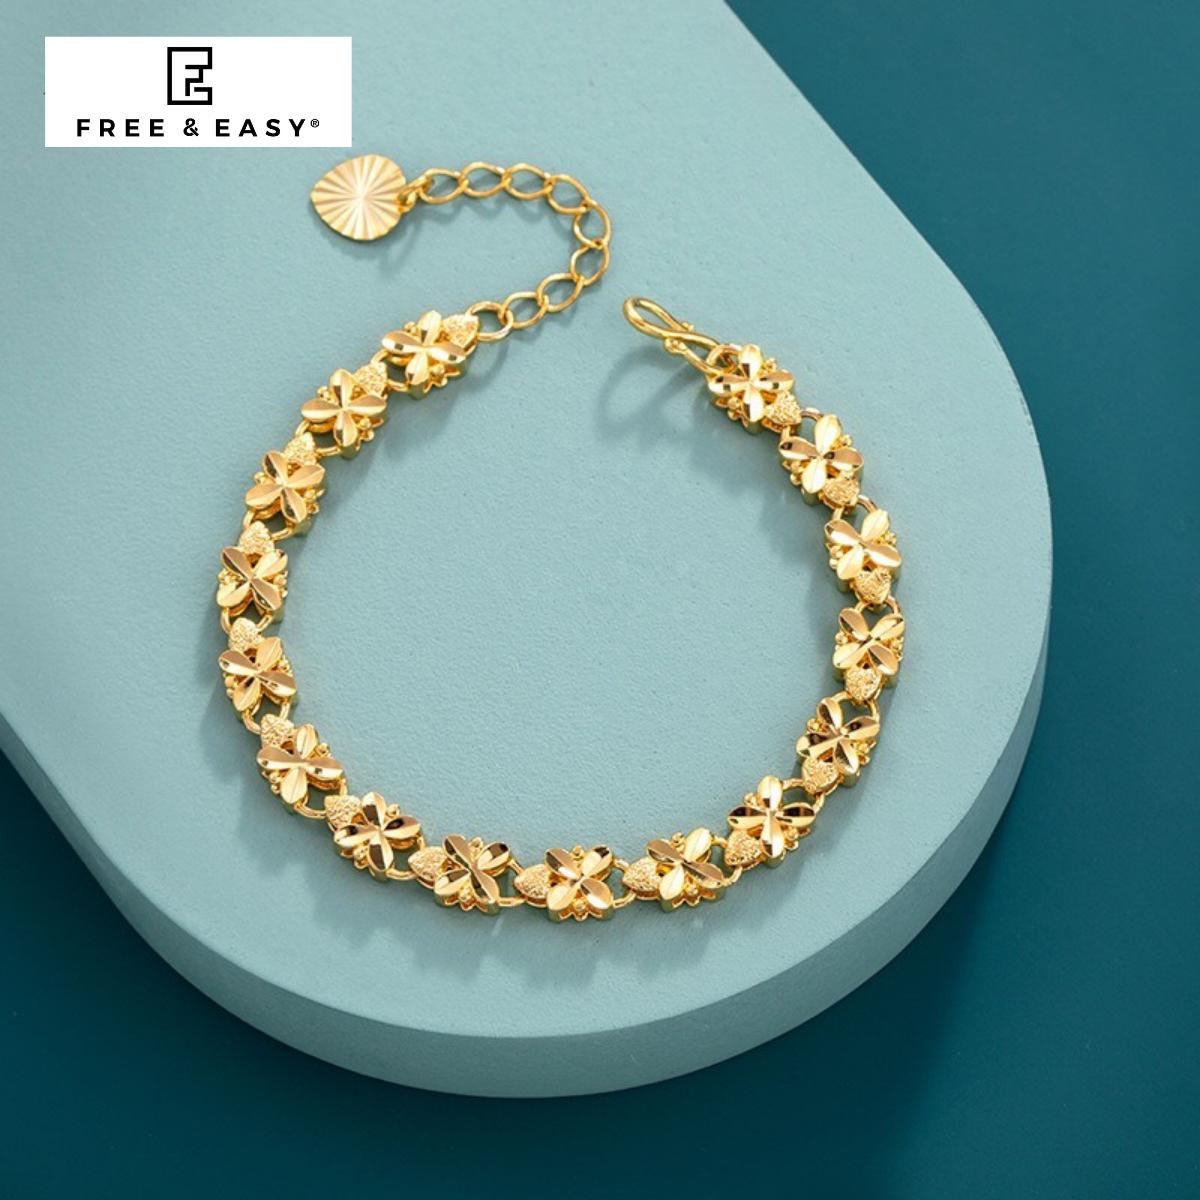 [HCM]Lắc chân nữ mạ vàng 18K cao cấp FREE & EASY có thể làm lắc tay giống vàng thật 99% cho độ sáng lấp lánh cao cam kết không đen không bay màu đeo cực sang chảnh thích hợp đi tiệc mua làm quà tặng